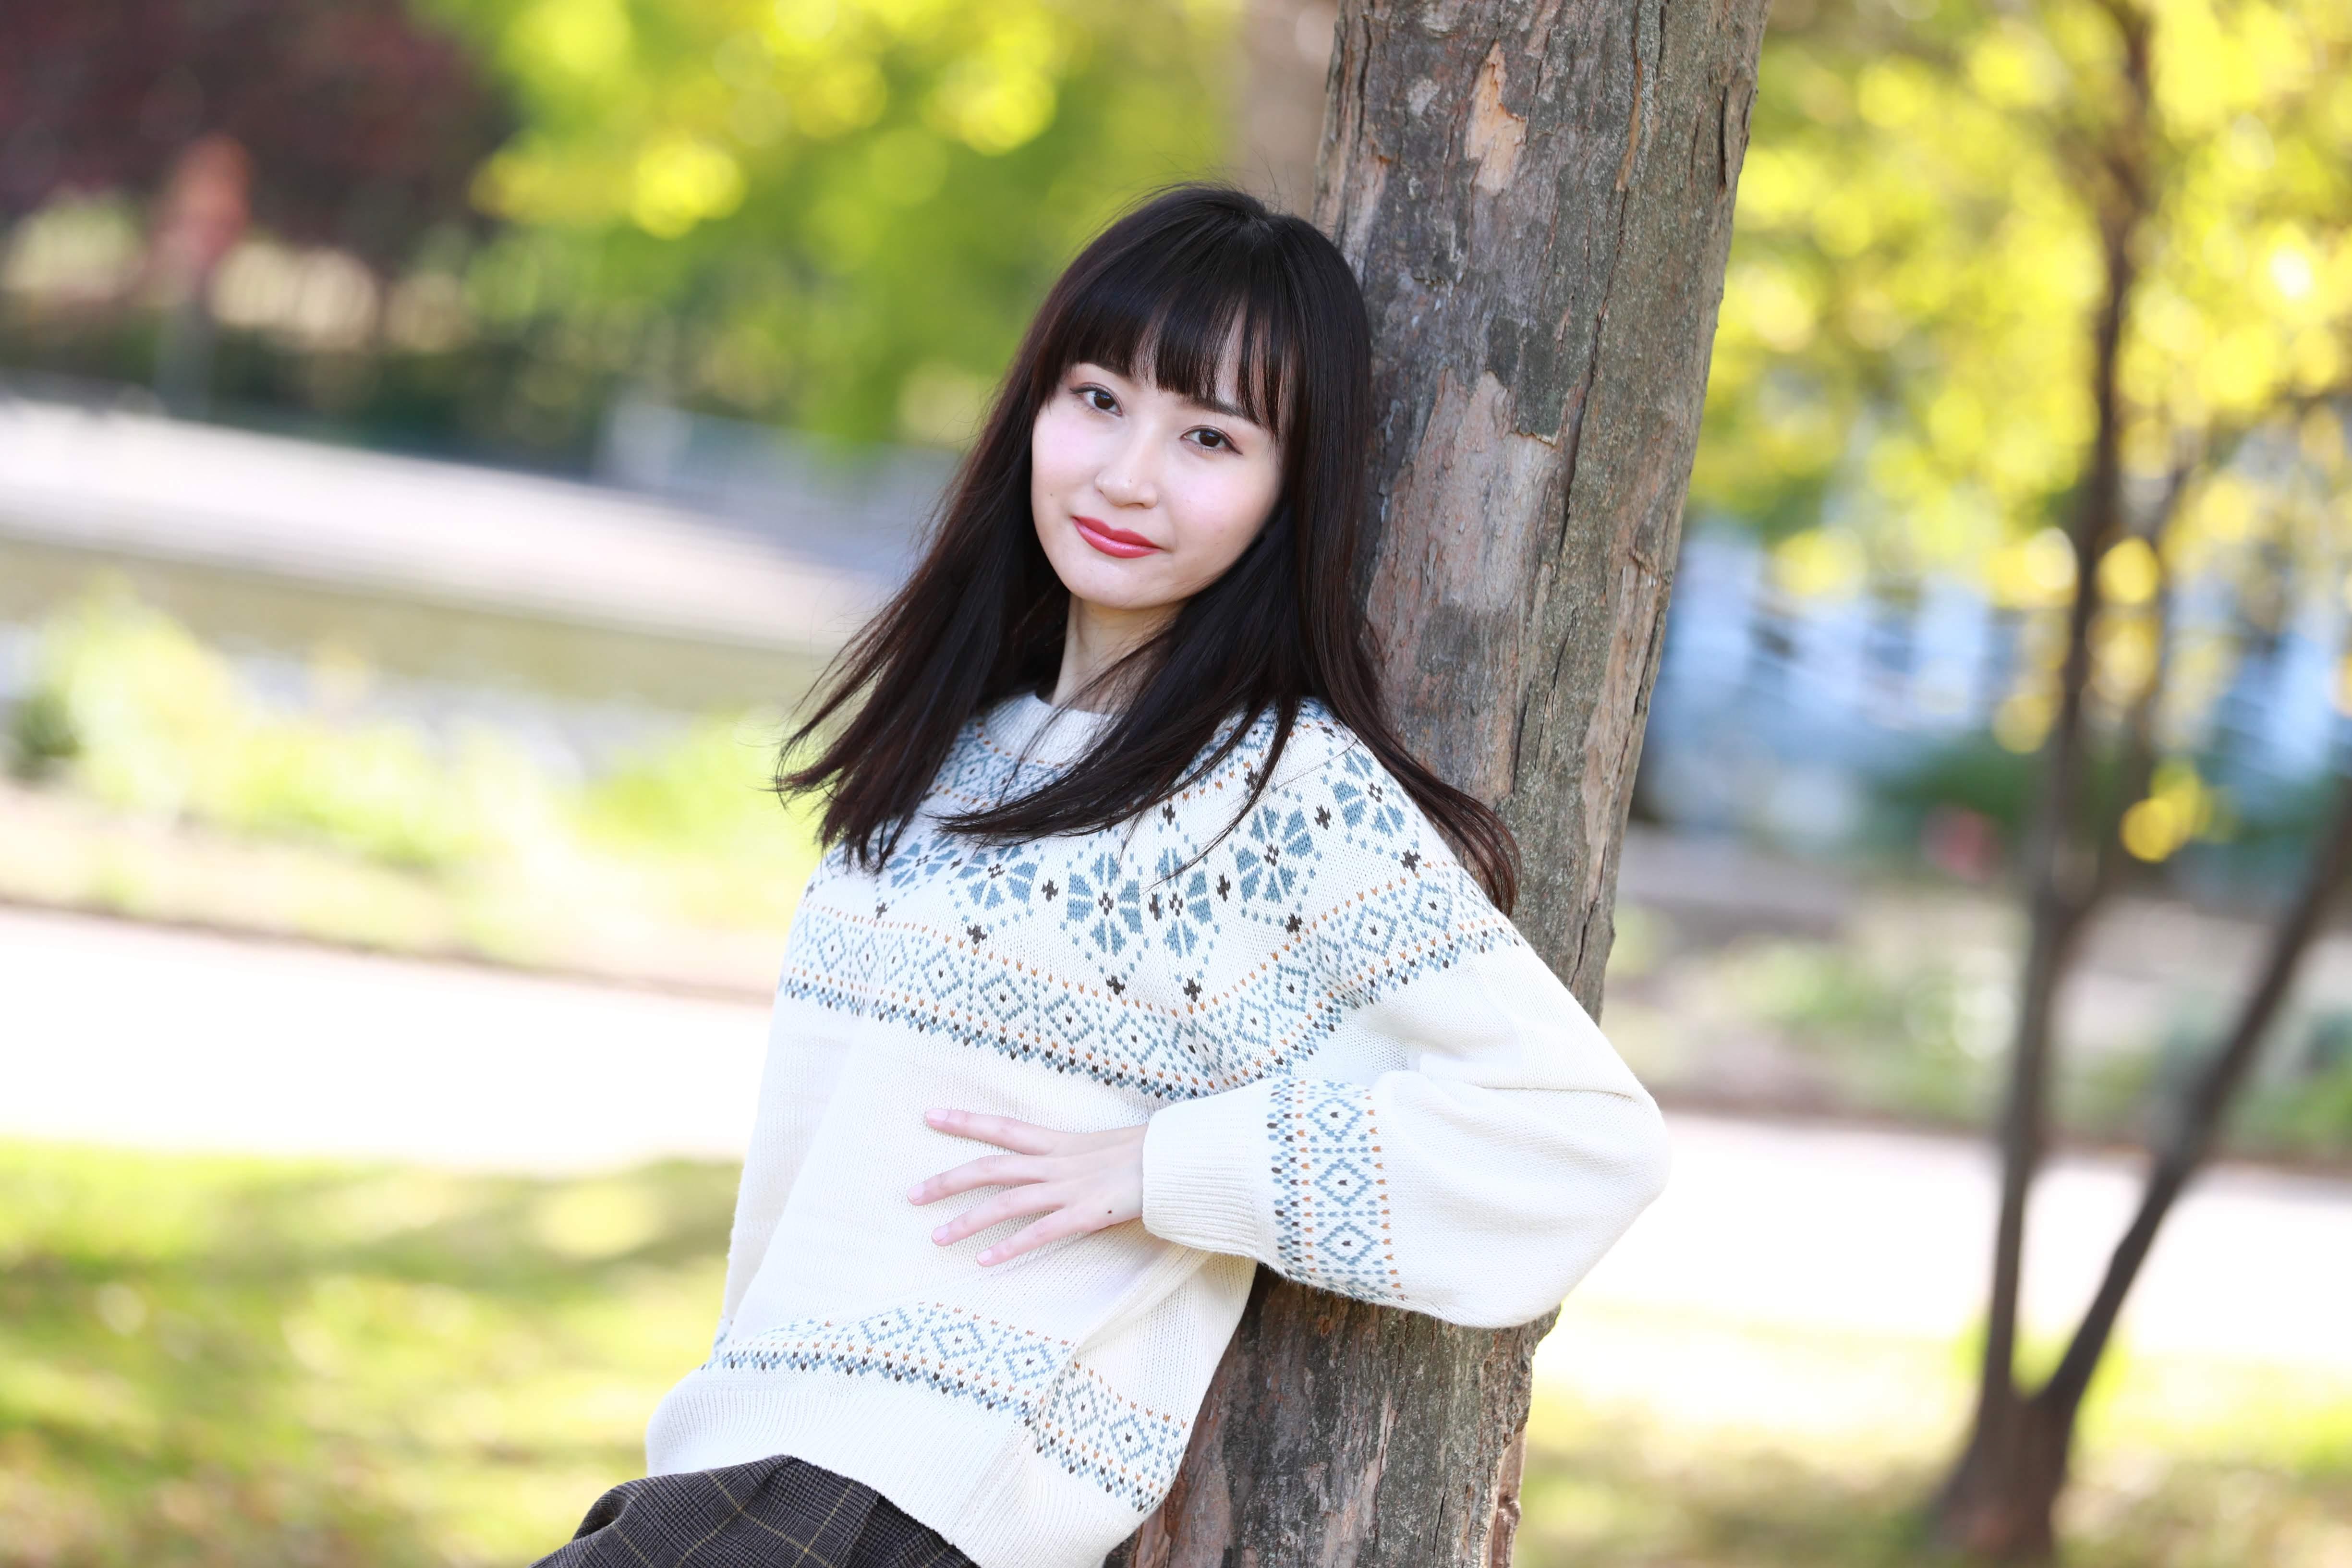 モデル山崎優花